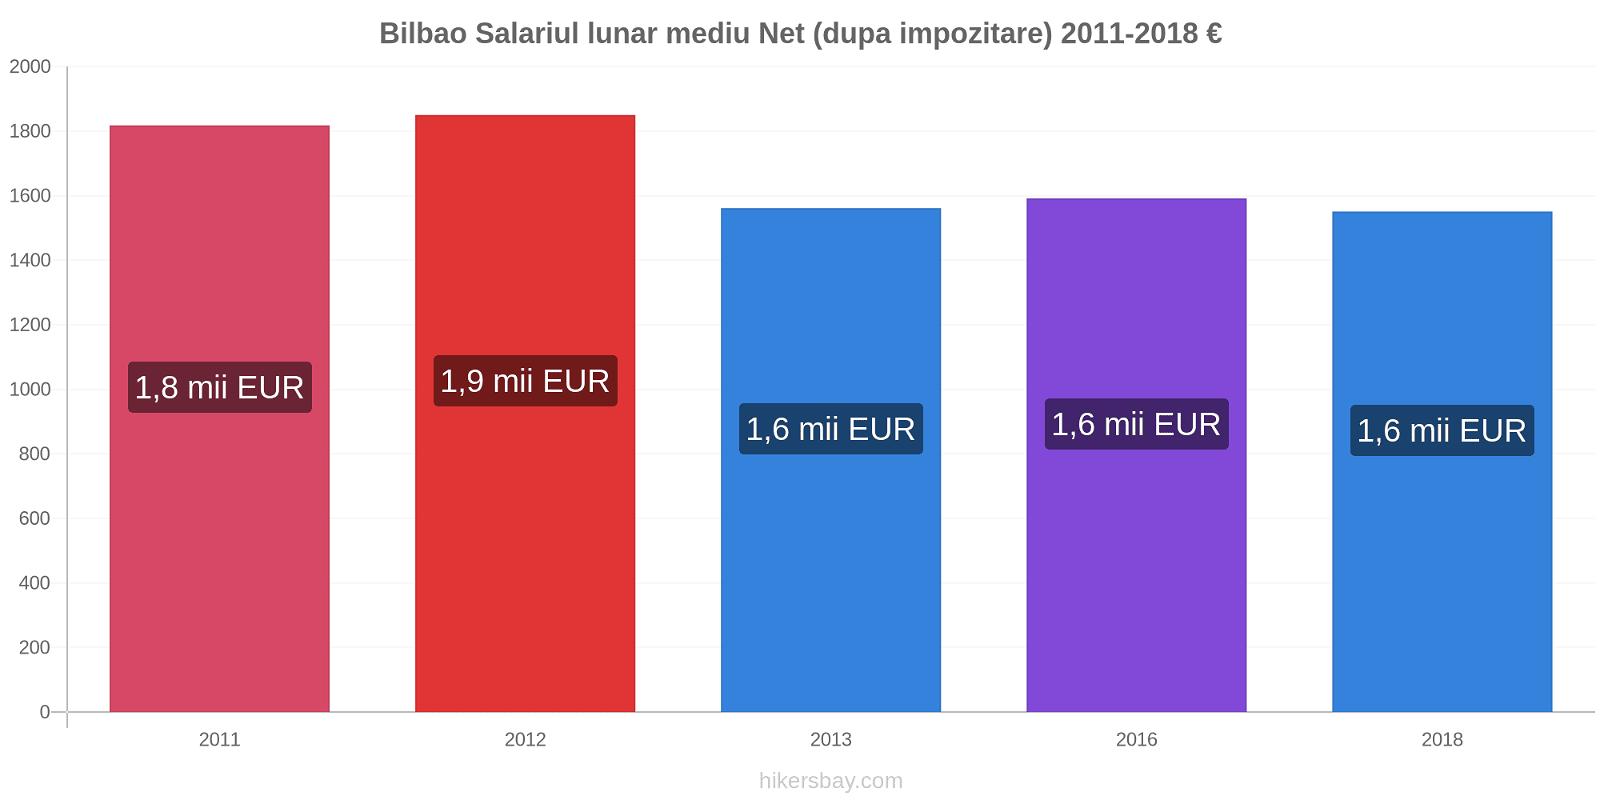 Bilbao modificări de preț Salariul lunar mediu Net (dupa impozitare) hikersbay.com